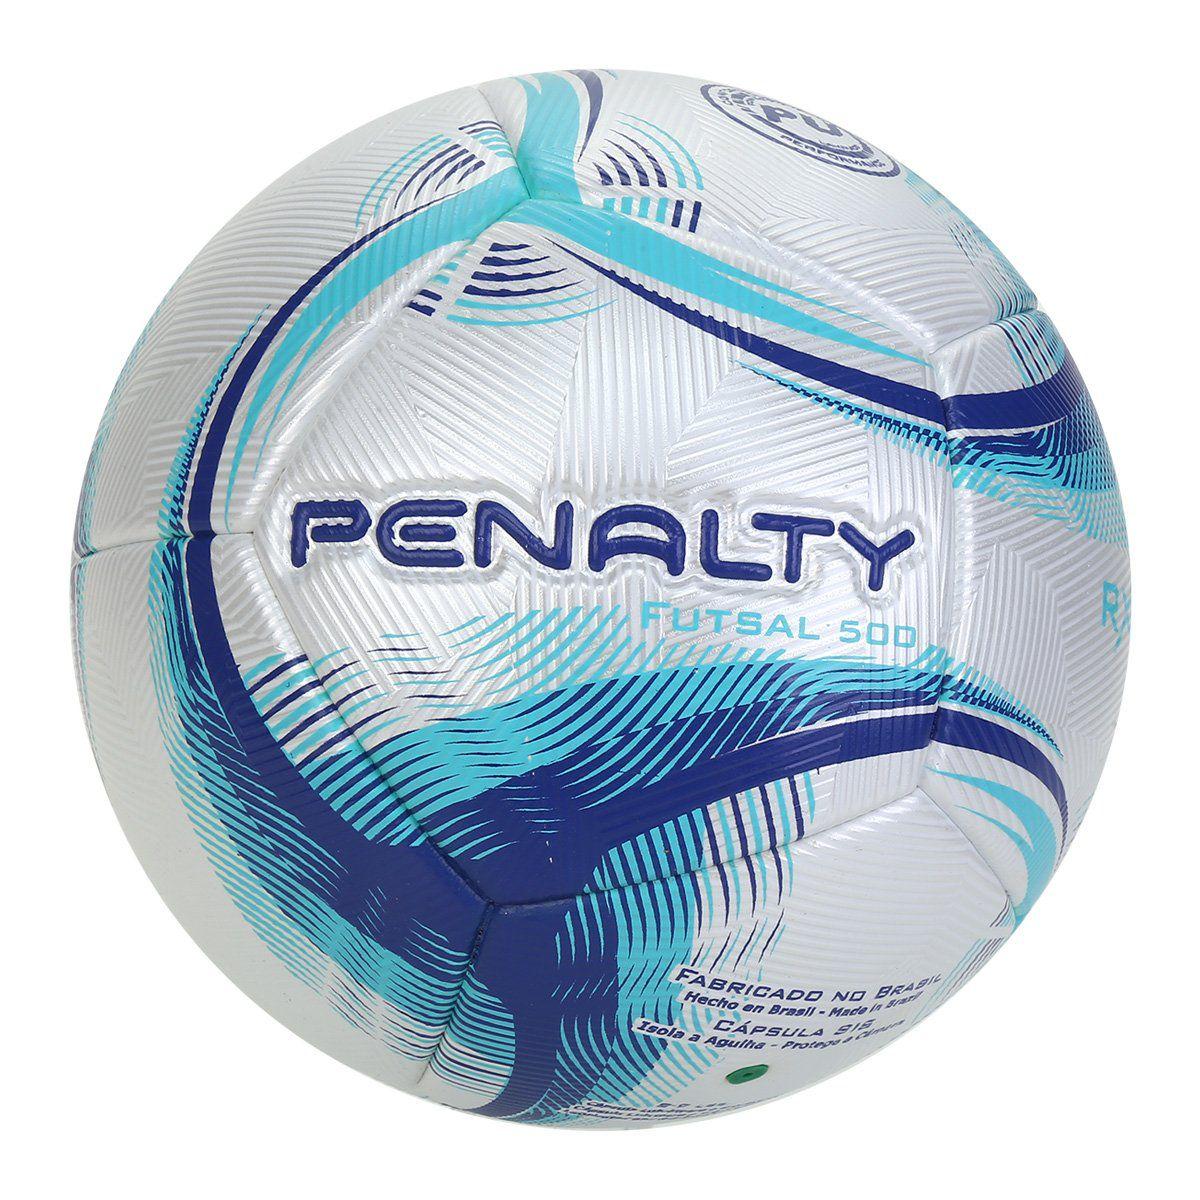 Bola de Futsal Penalty 500  RX  - REAL ESPORTE